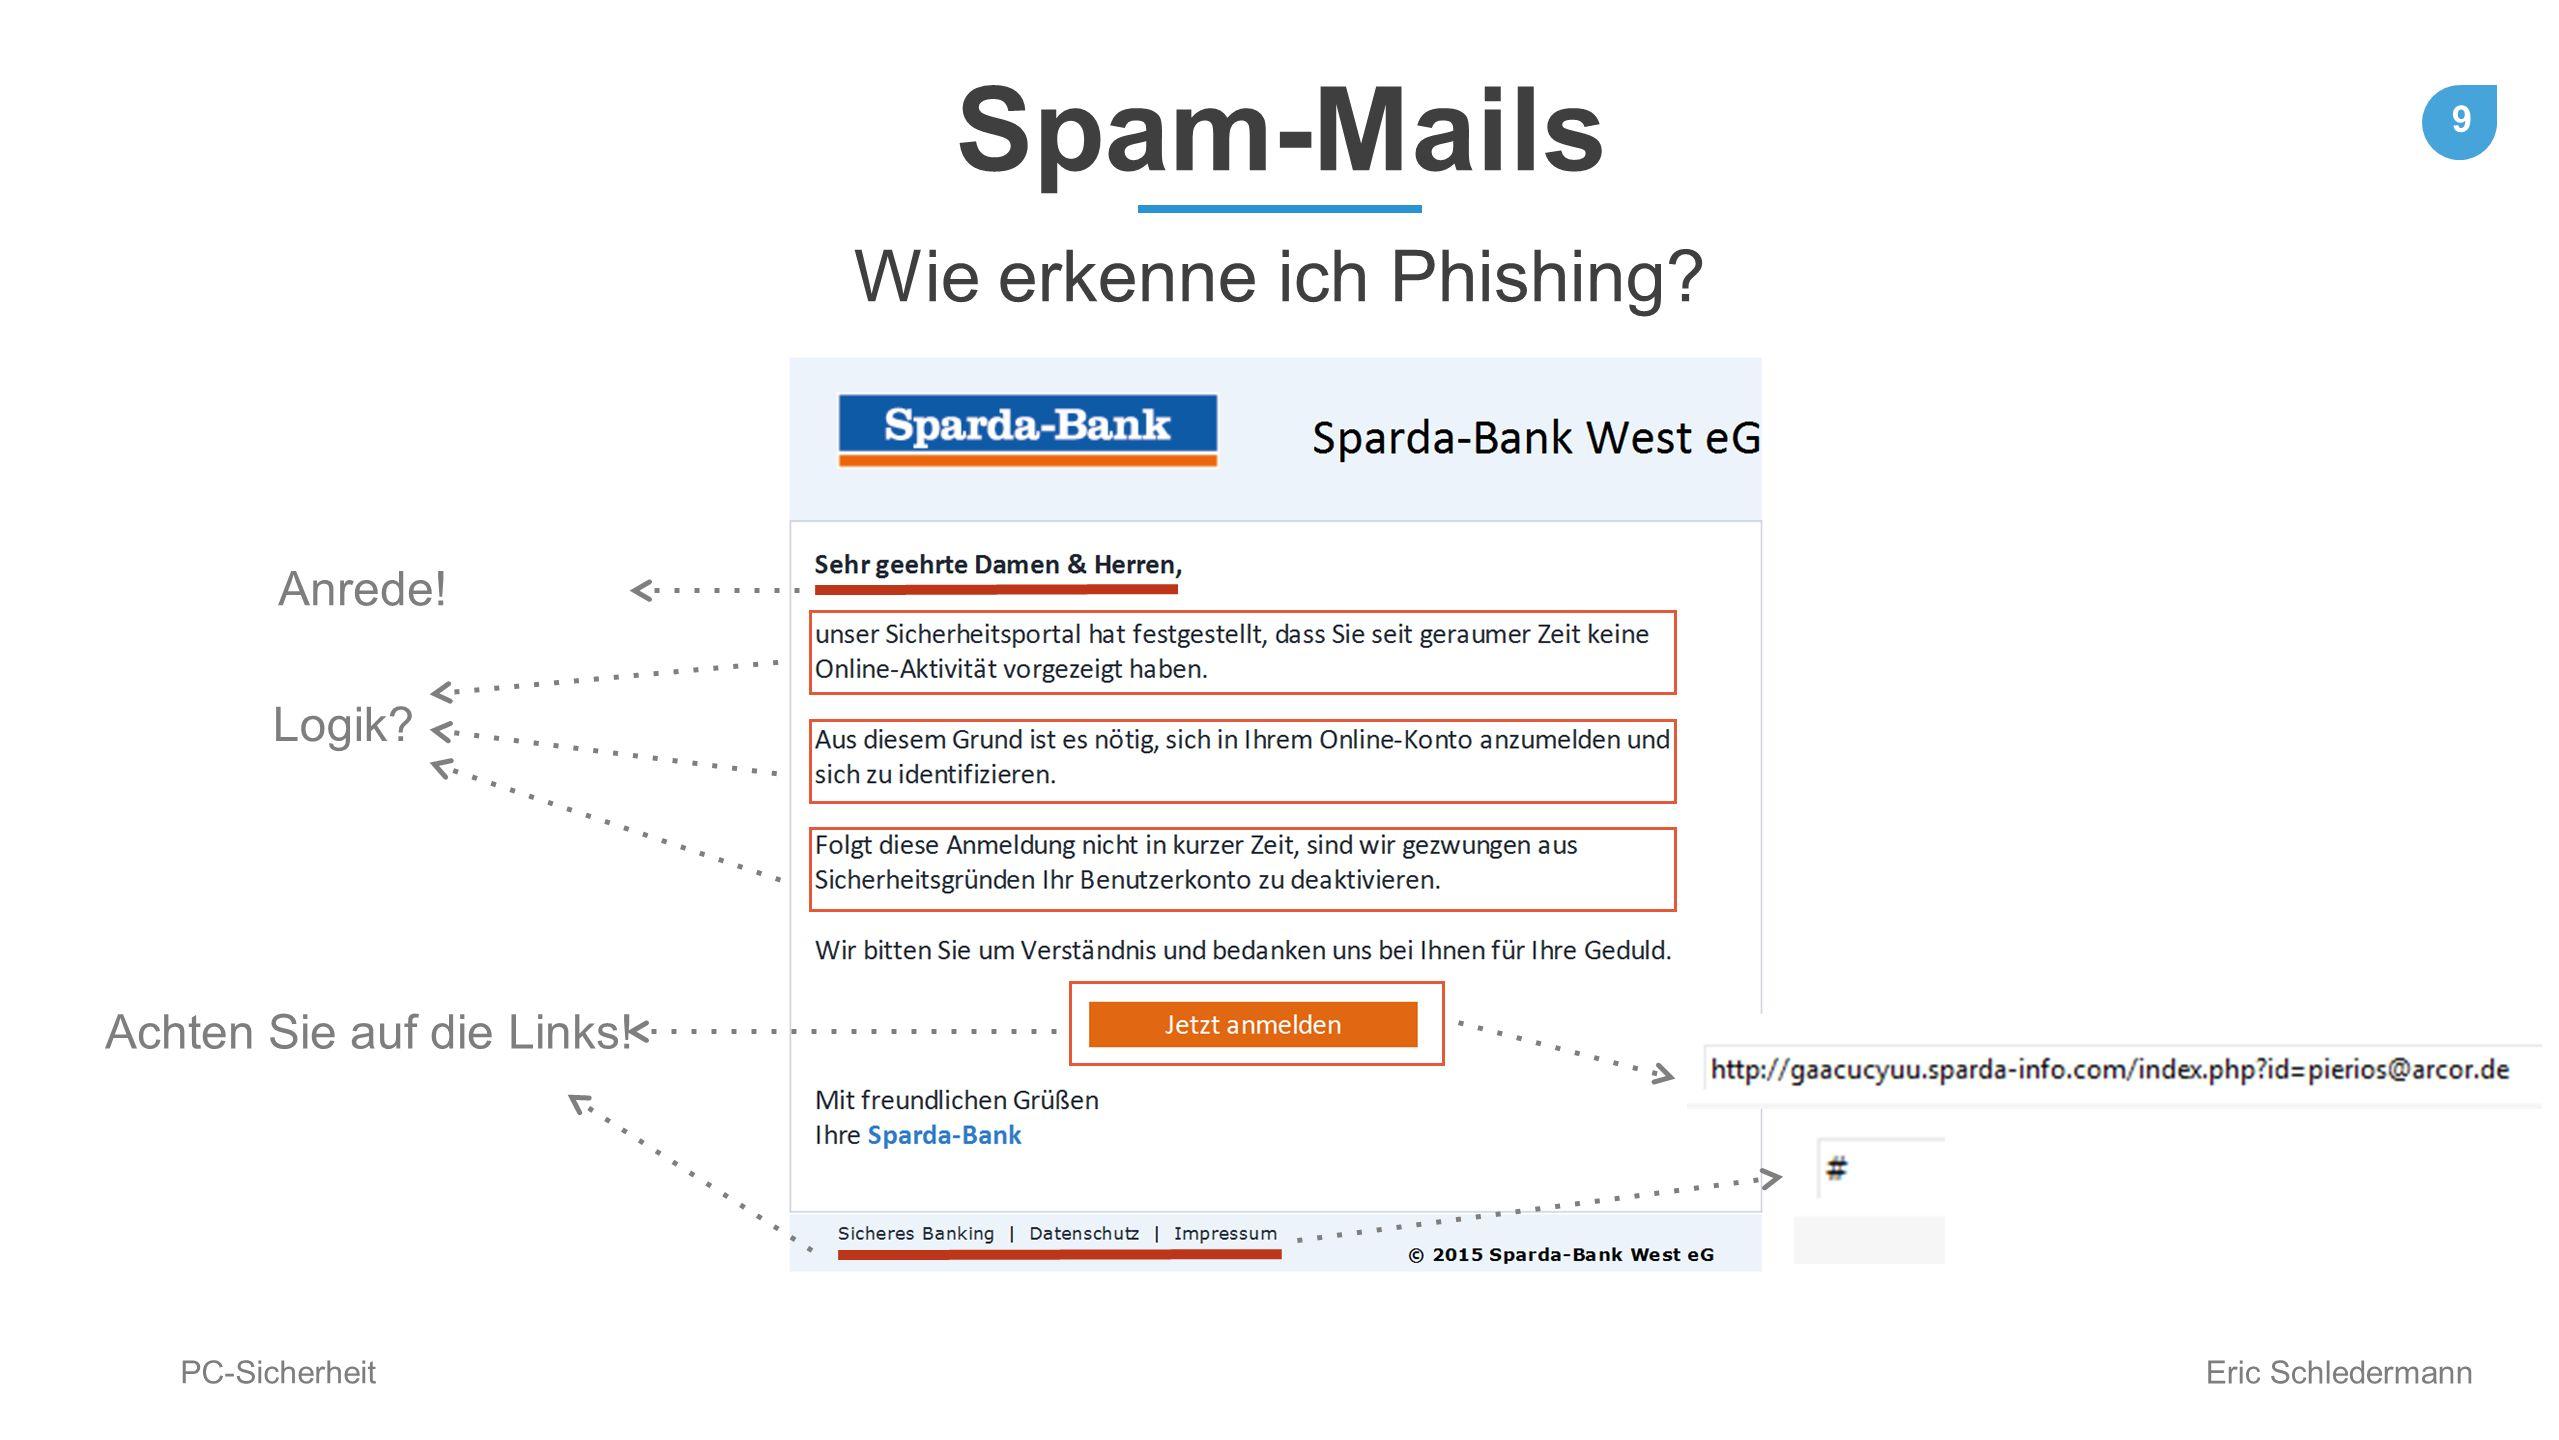 Wie erkenne ich Phishing